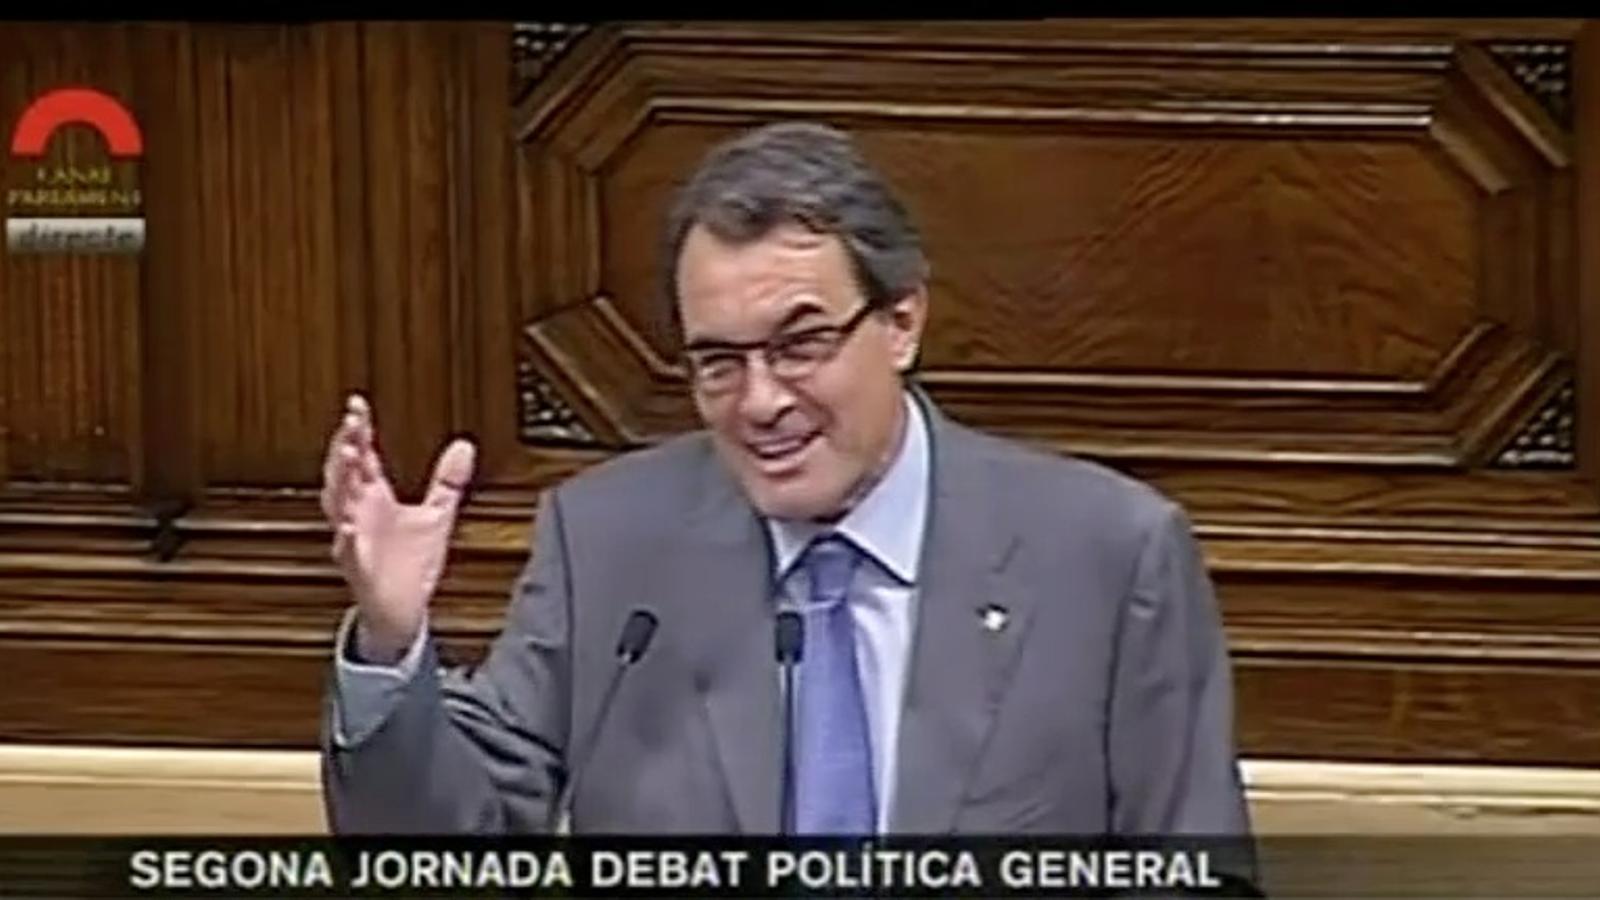 Mas, en el debat de política general: els nens andalusos parlen el castellà, però a vegades no se'ls entén